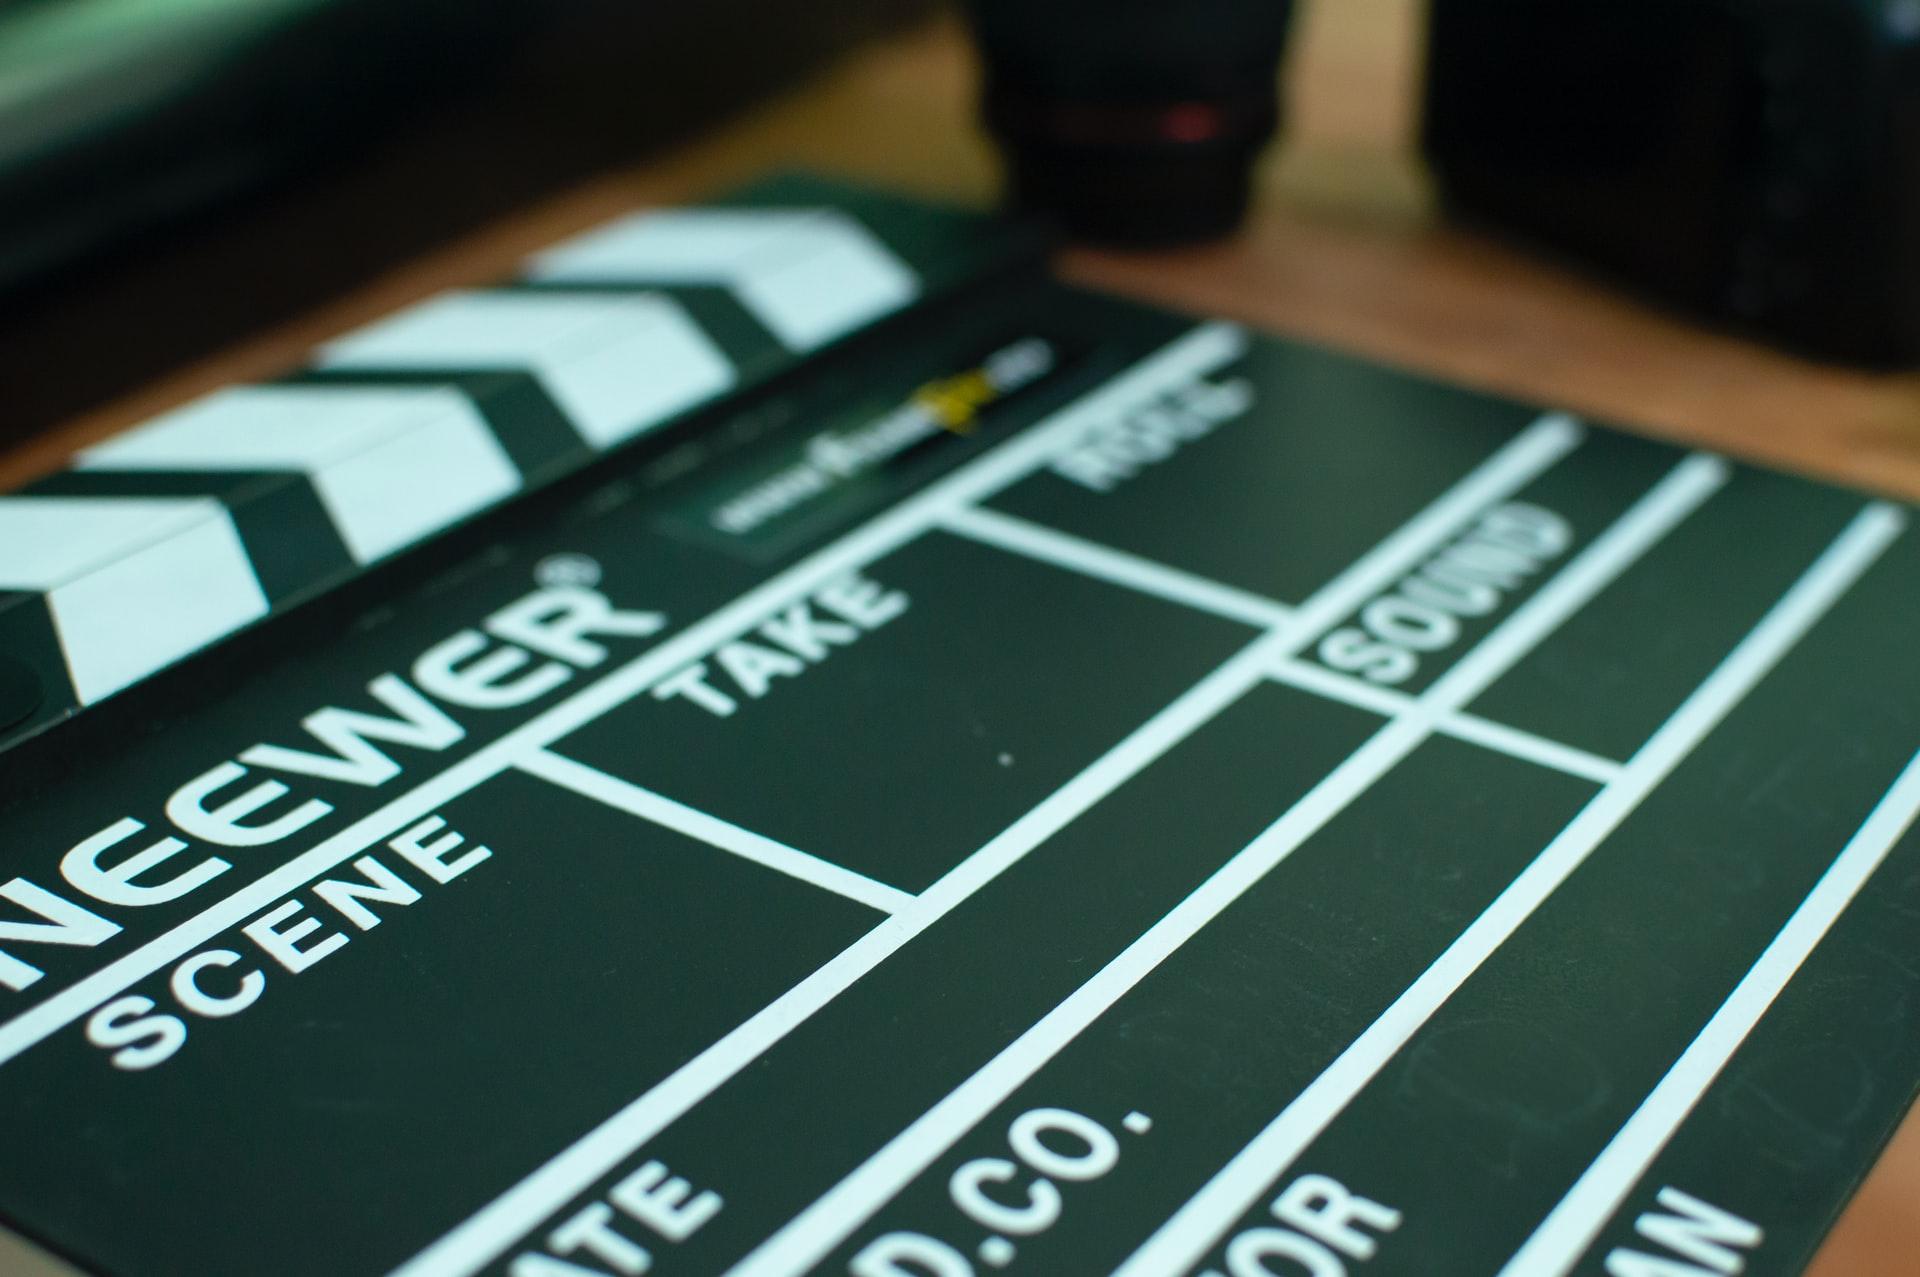 Снимите это немедленно: о главном этапе видеопроизводства